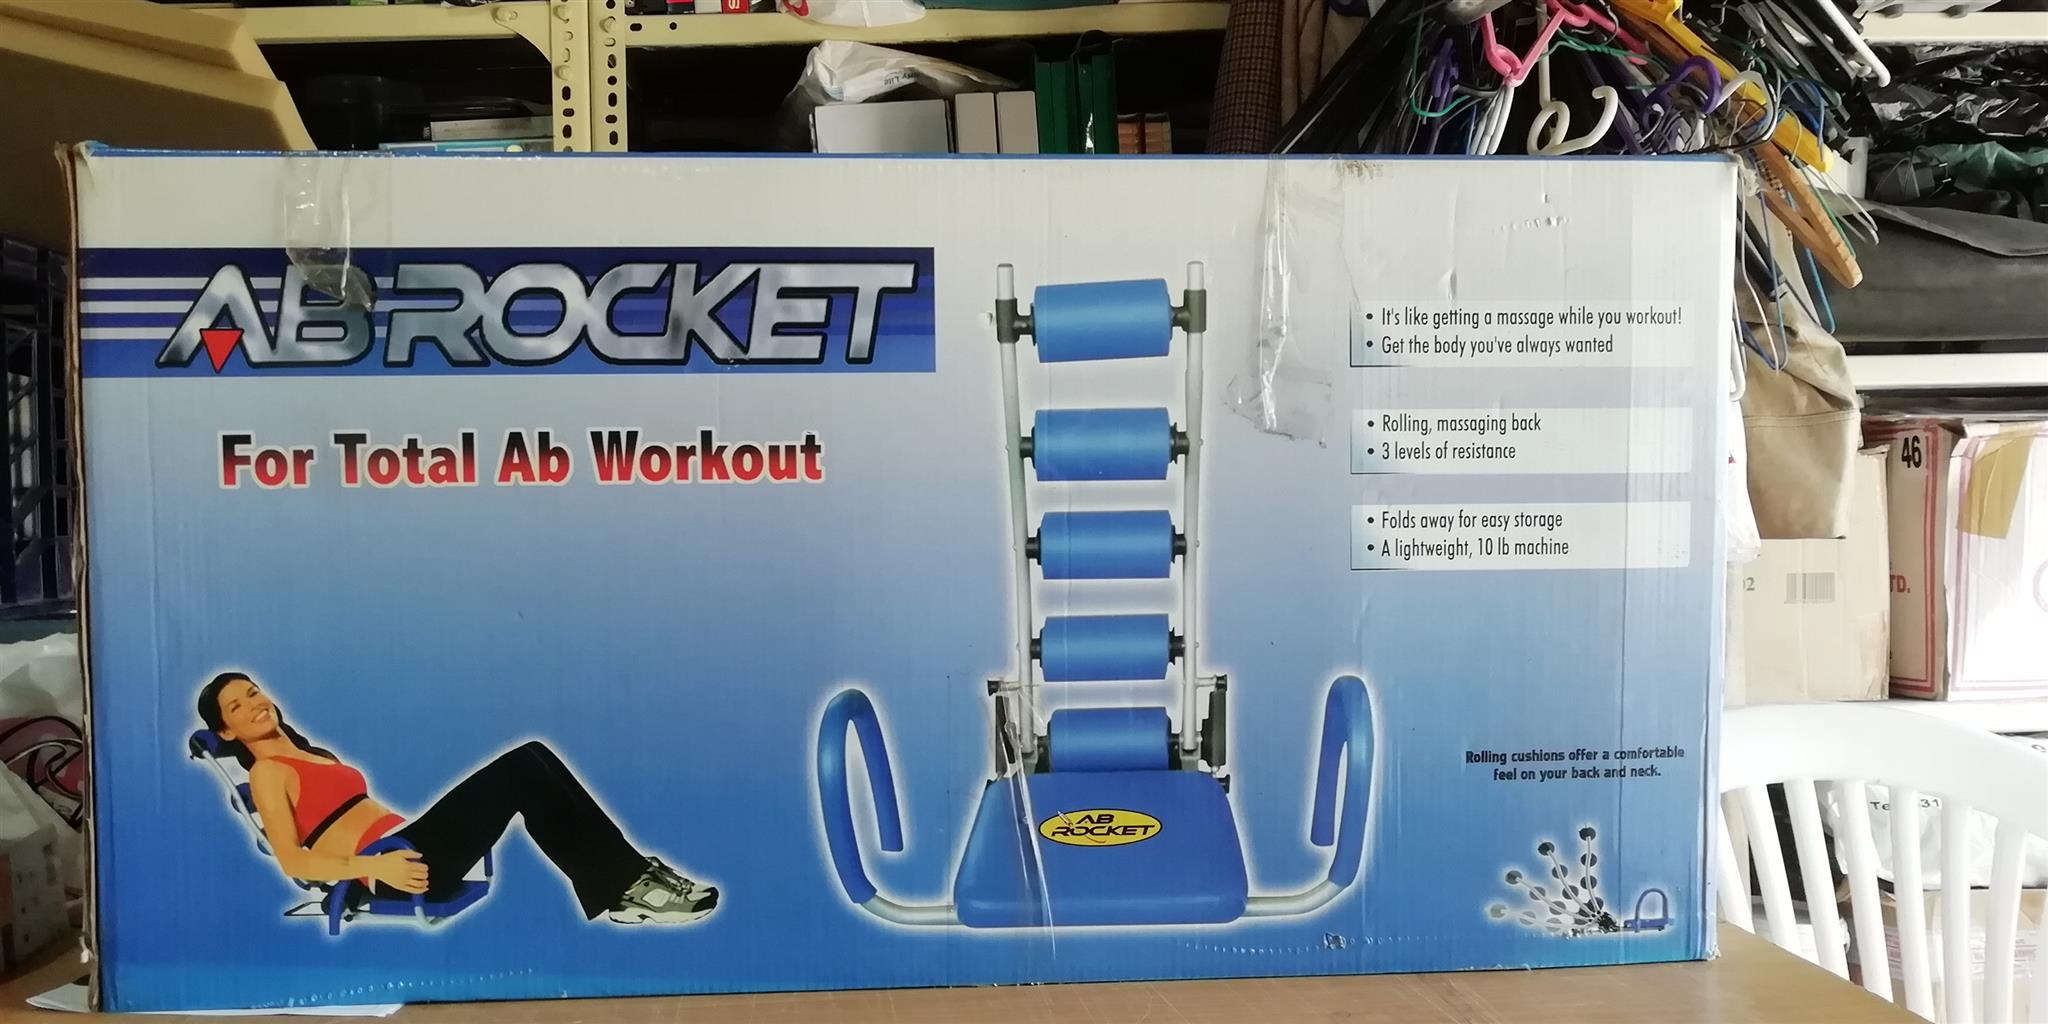 AB ROCKET EXERCISE MACHINE